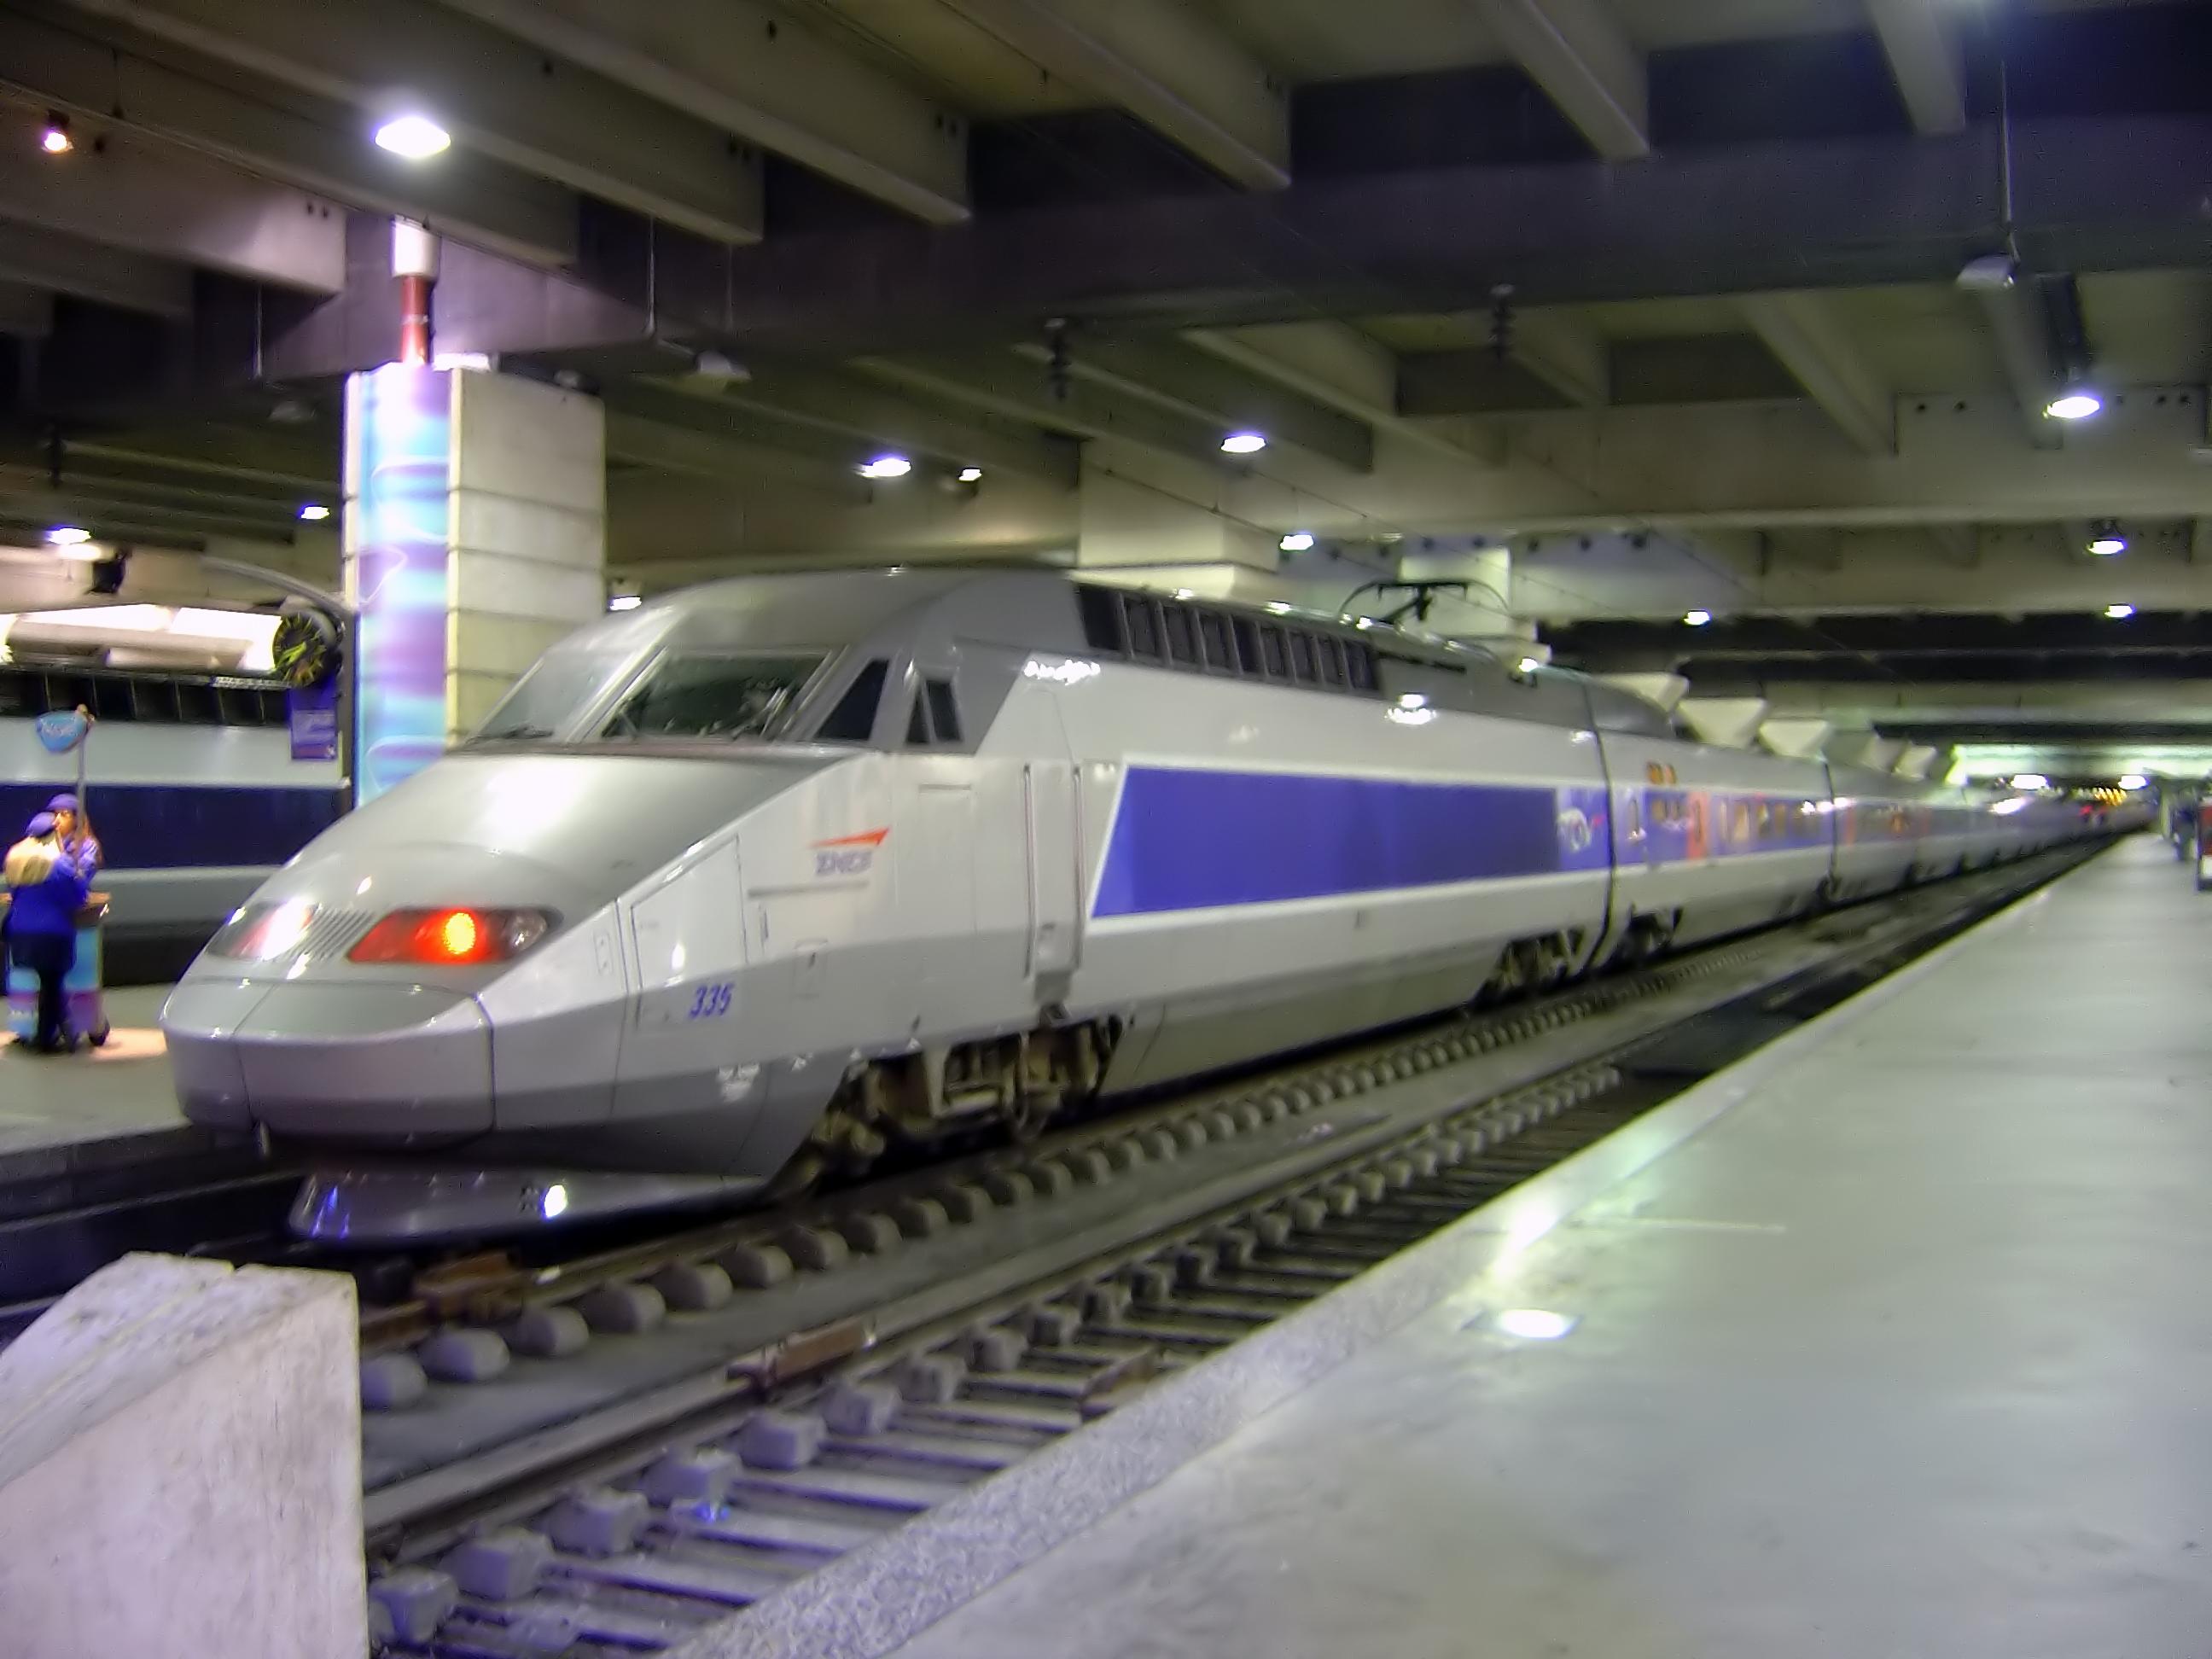 file tgv train inside gare montparnasse. Black Bedroom Furniture Sets. Home Design Ideas